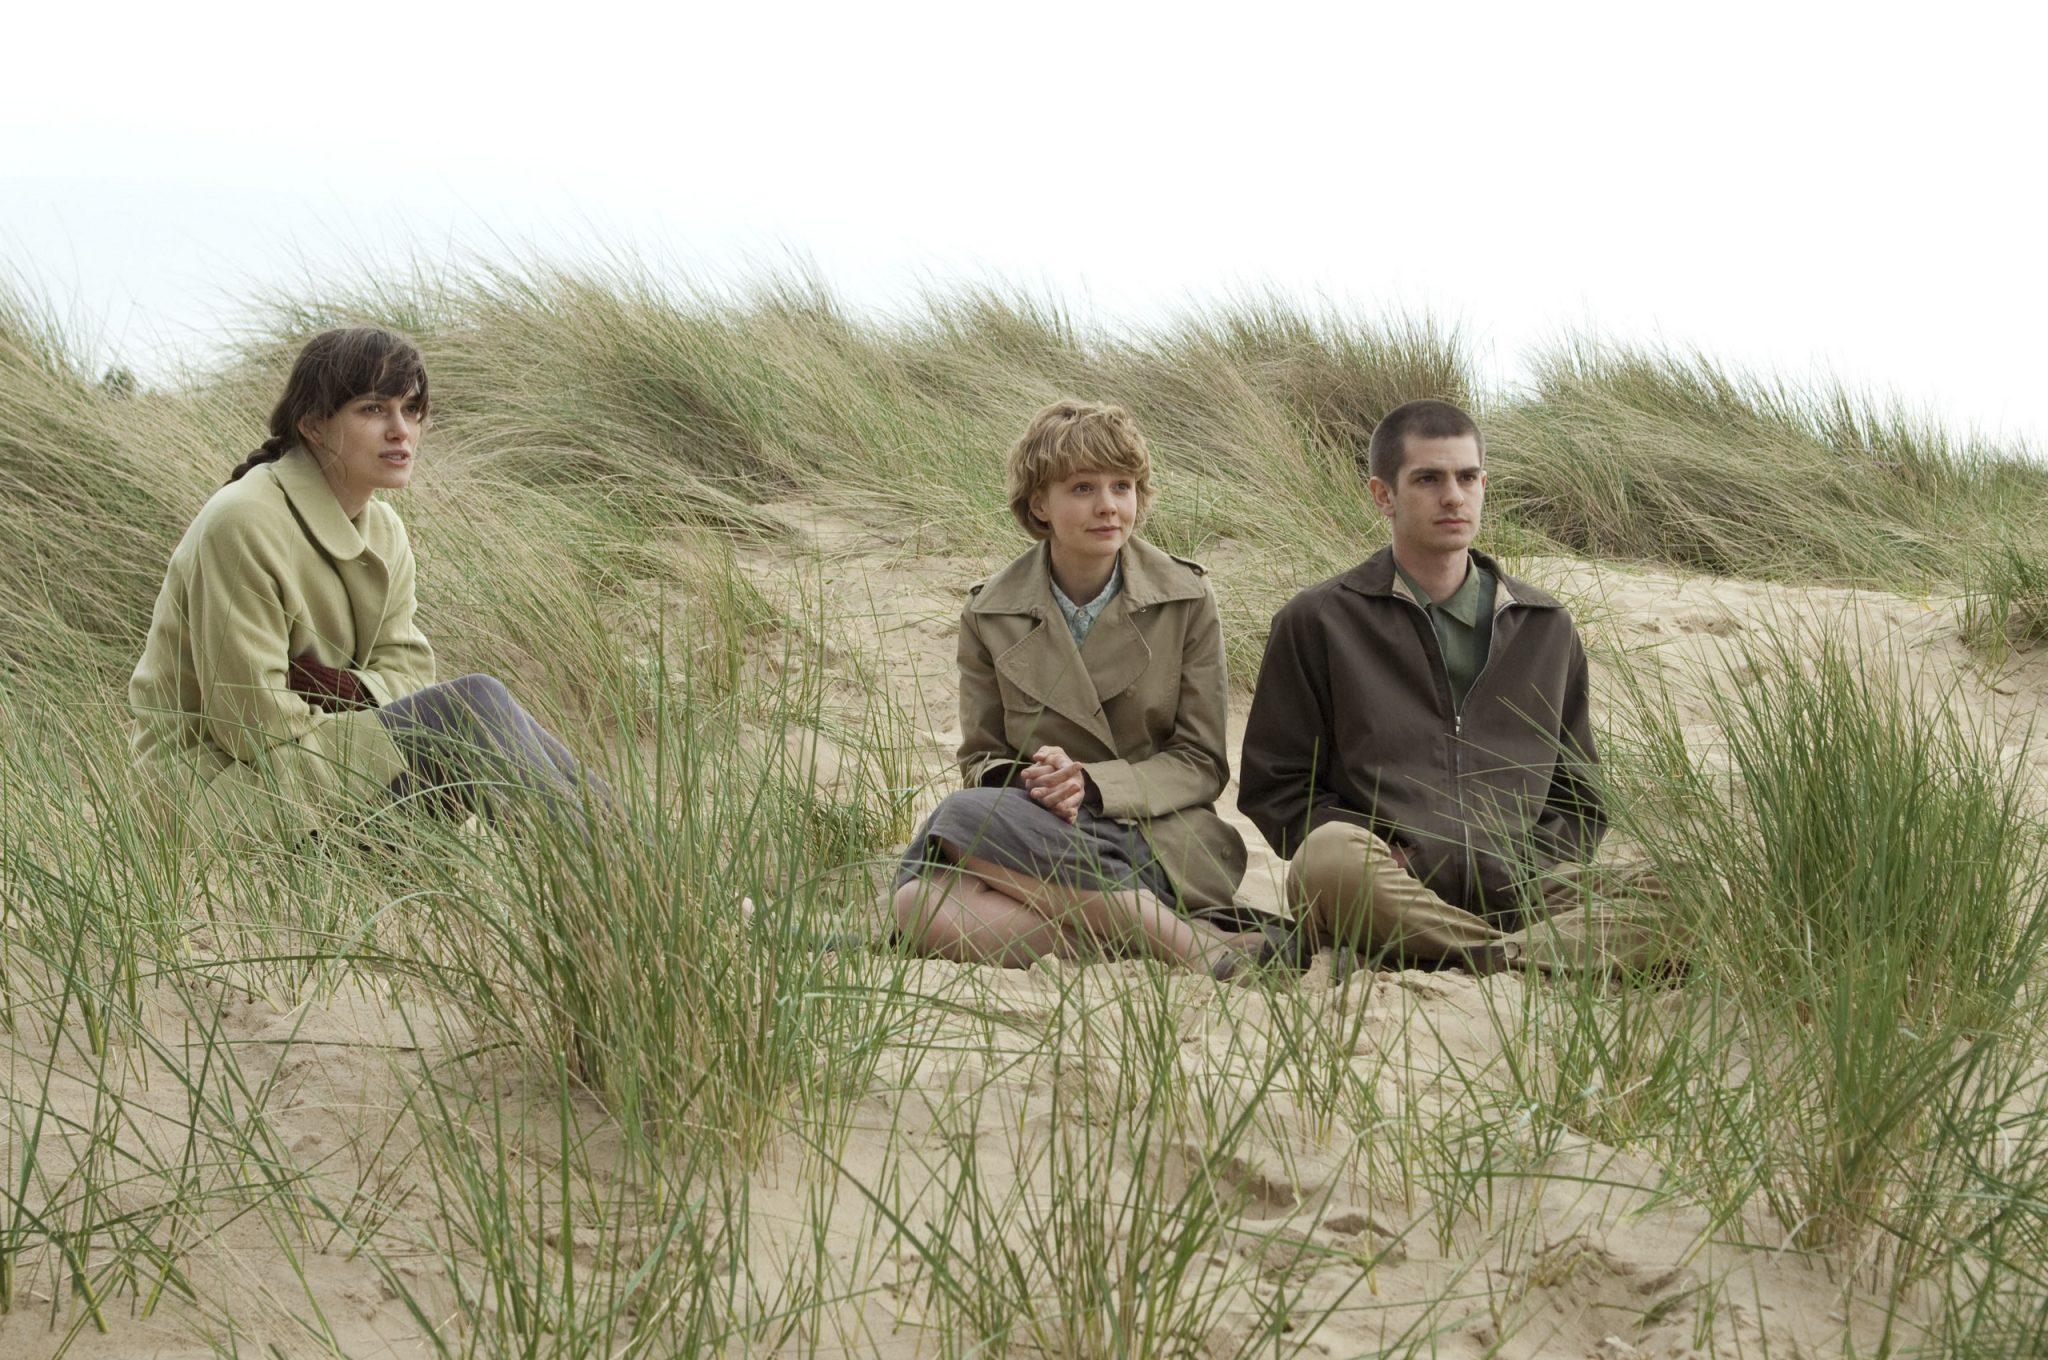 سه کاراکتر اصلی فیلم به نامهای